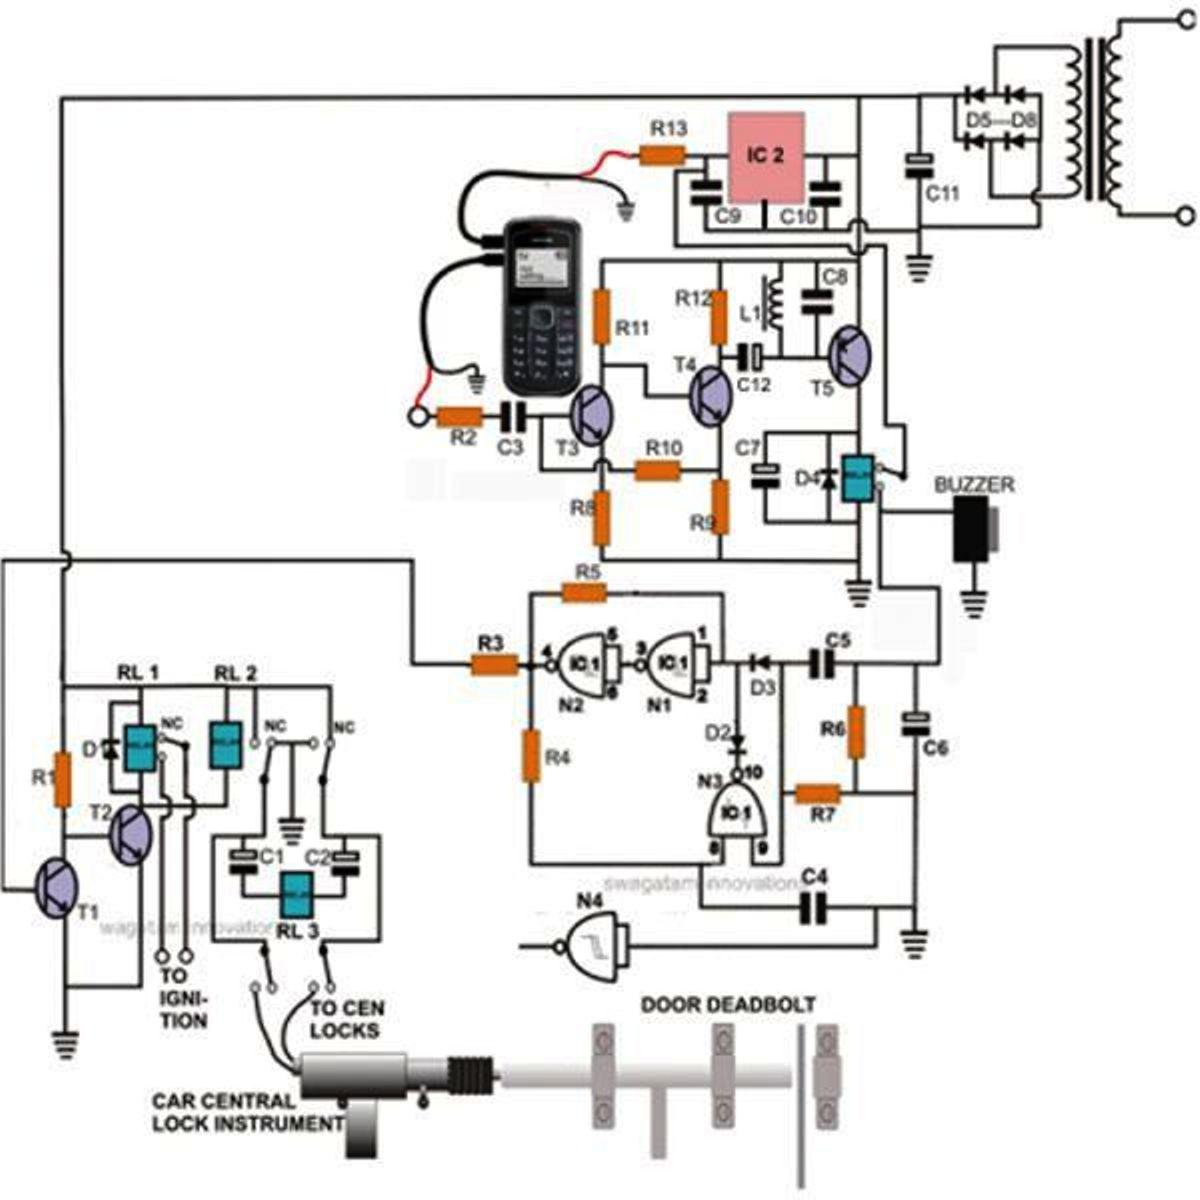 nokia 1202 schematic diagram